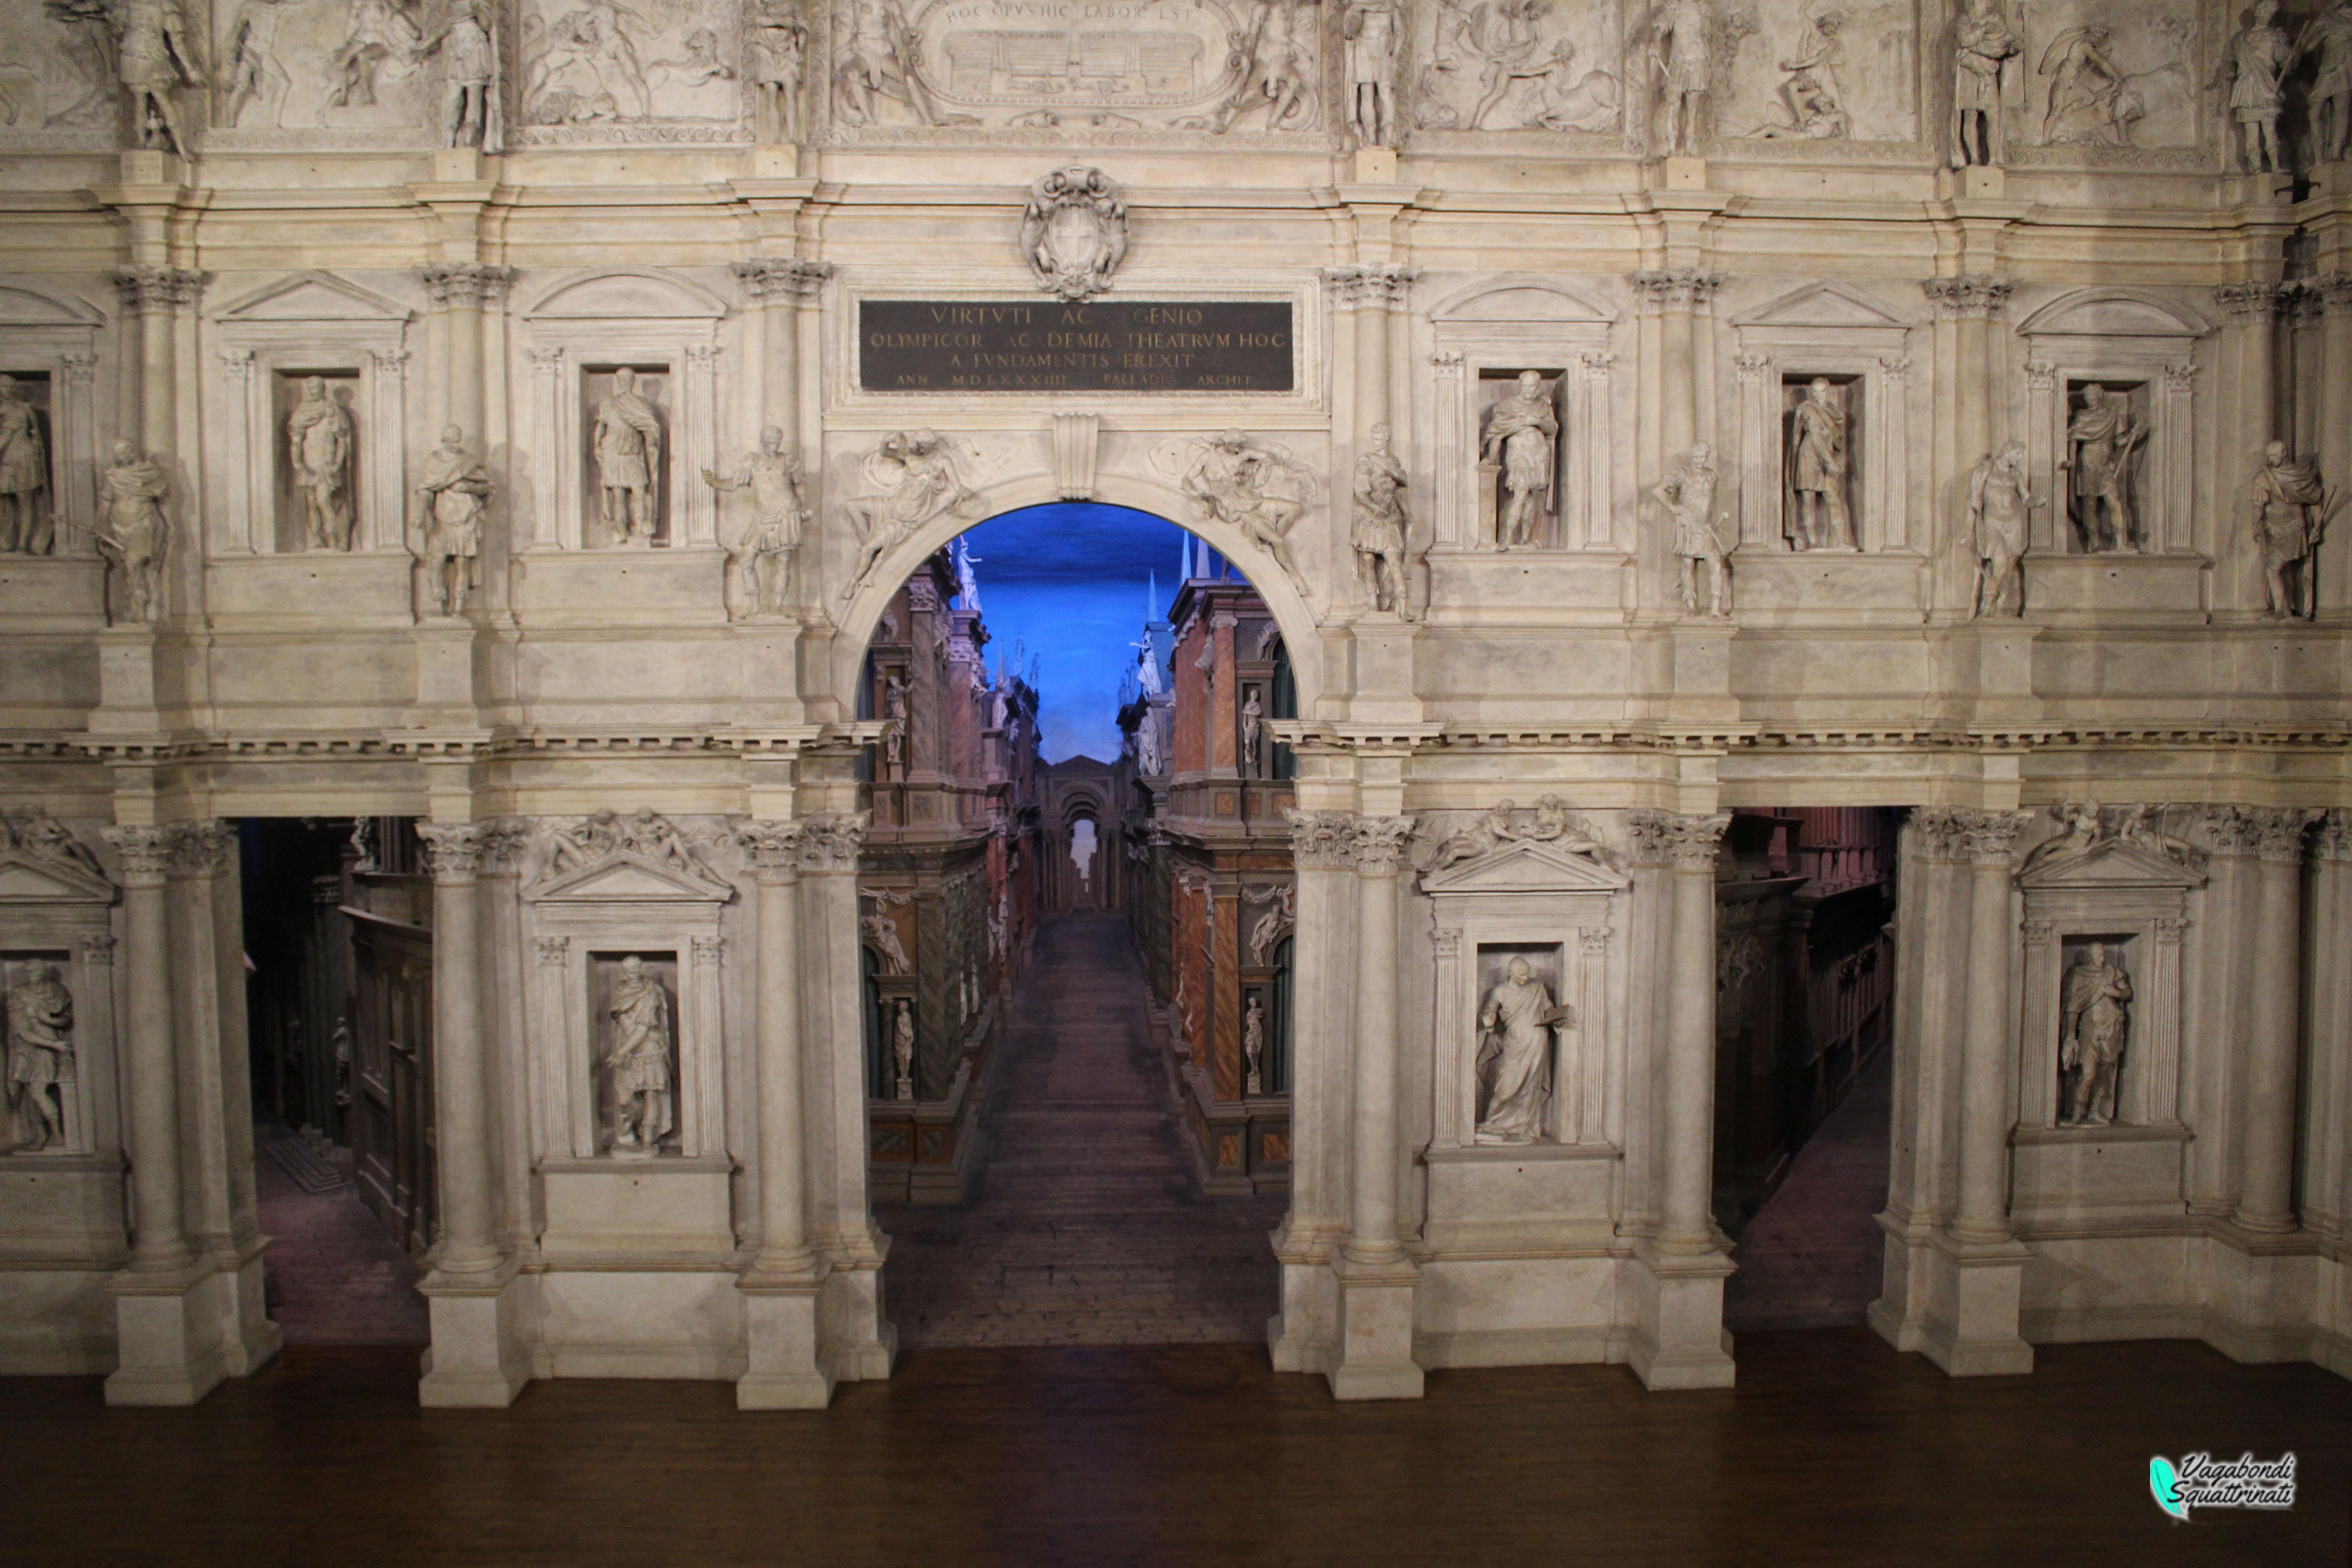 Teatro Olimpico di Vicenza: capolavoro Palladiano